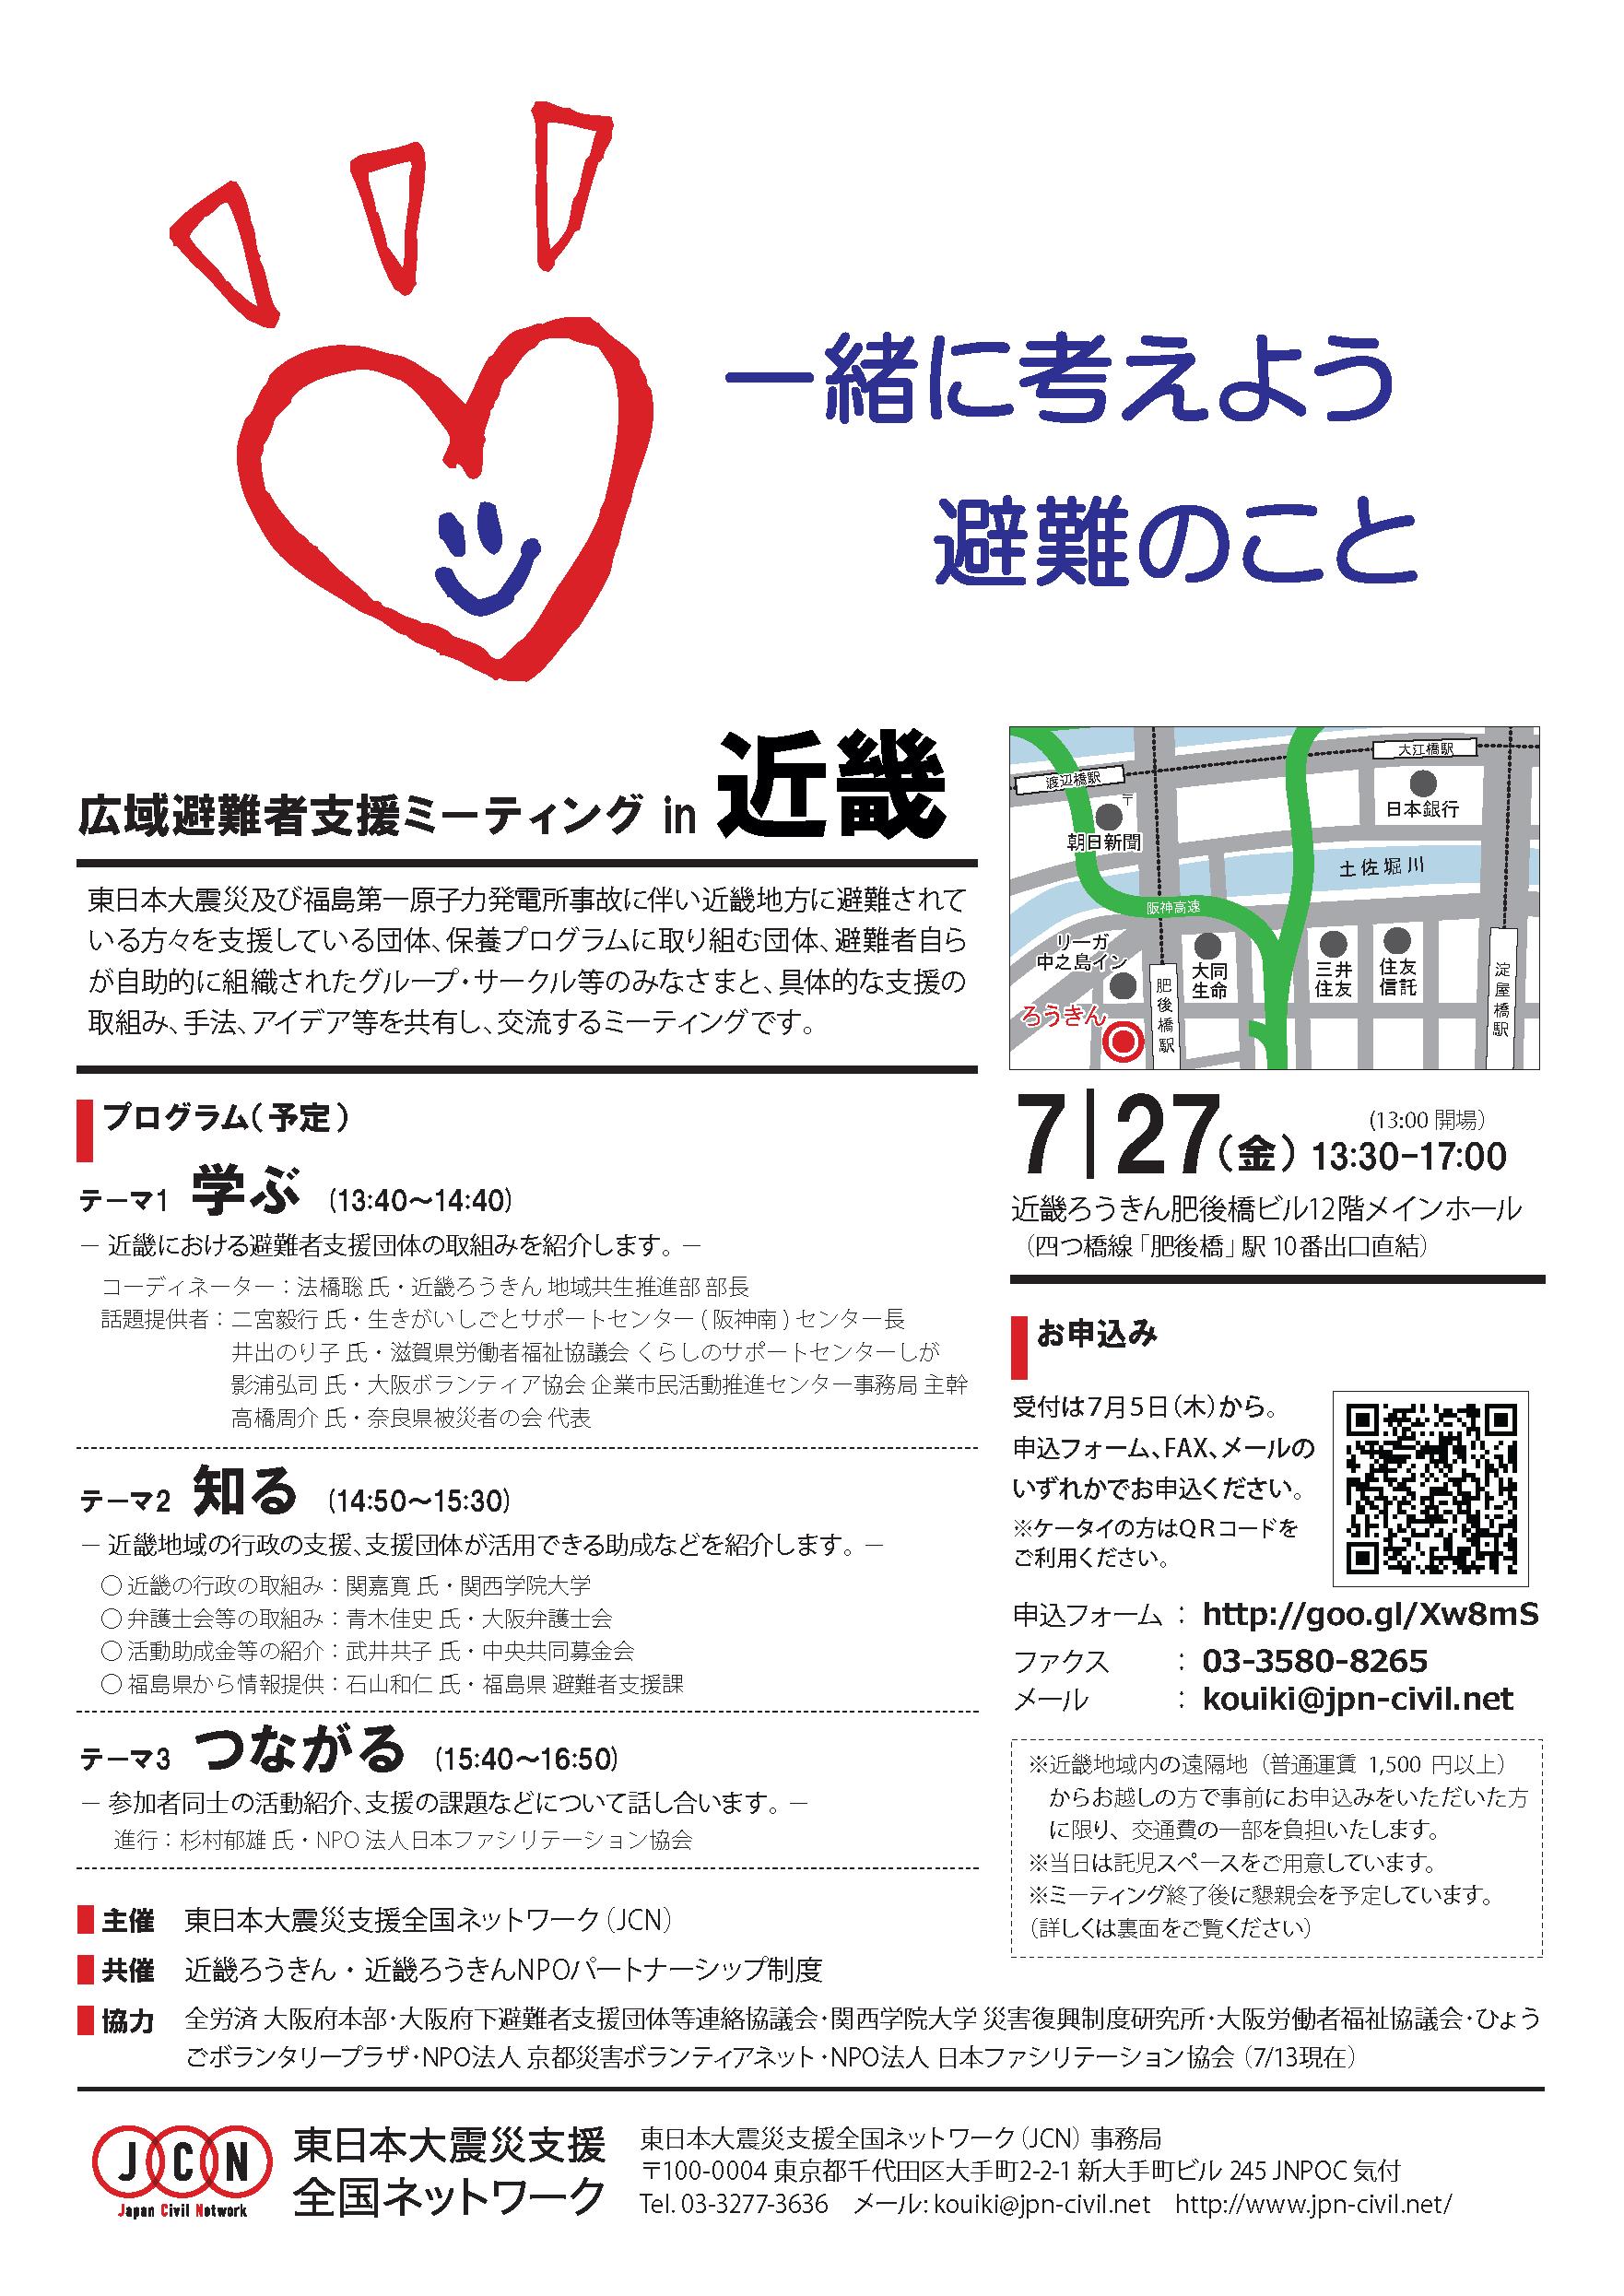 flyer_20120727_kinki.png